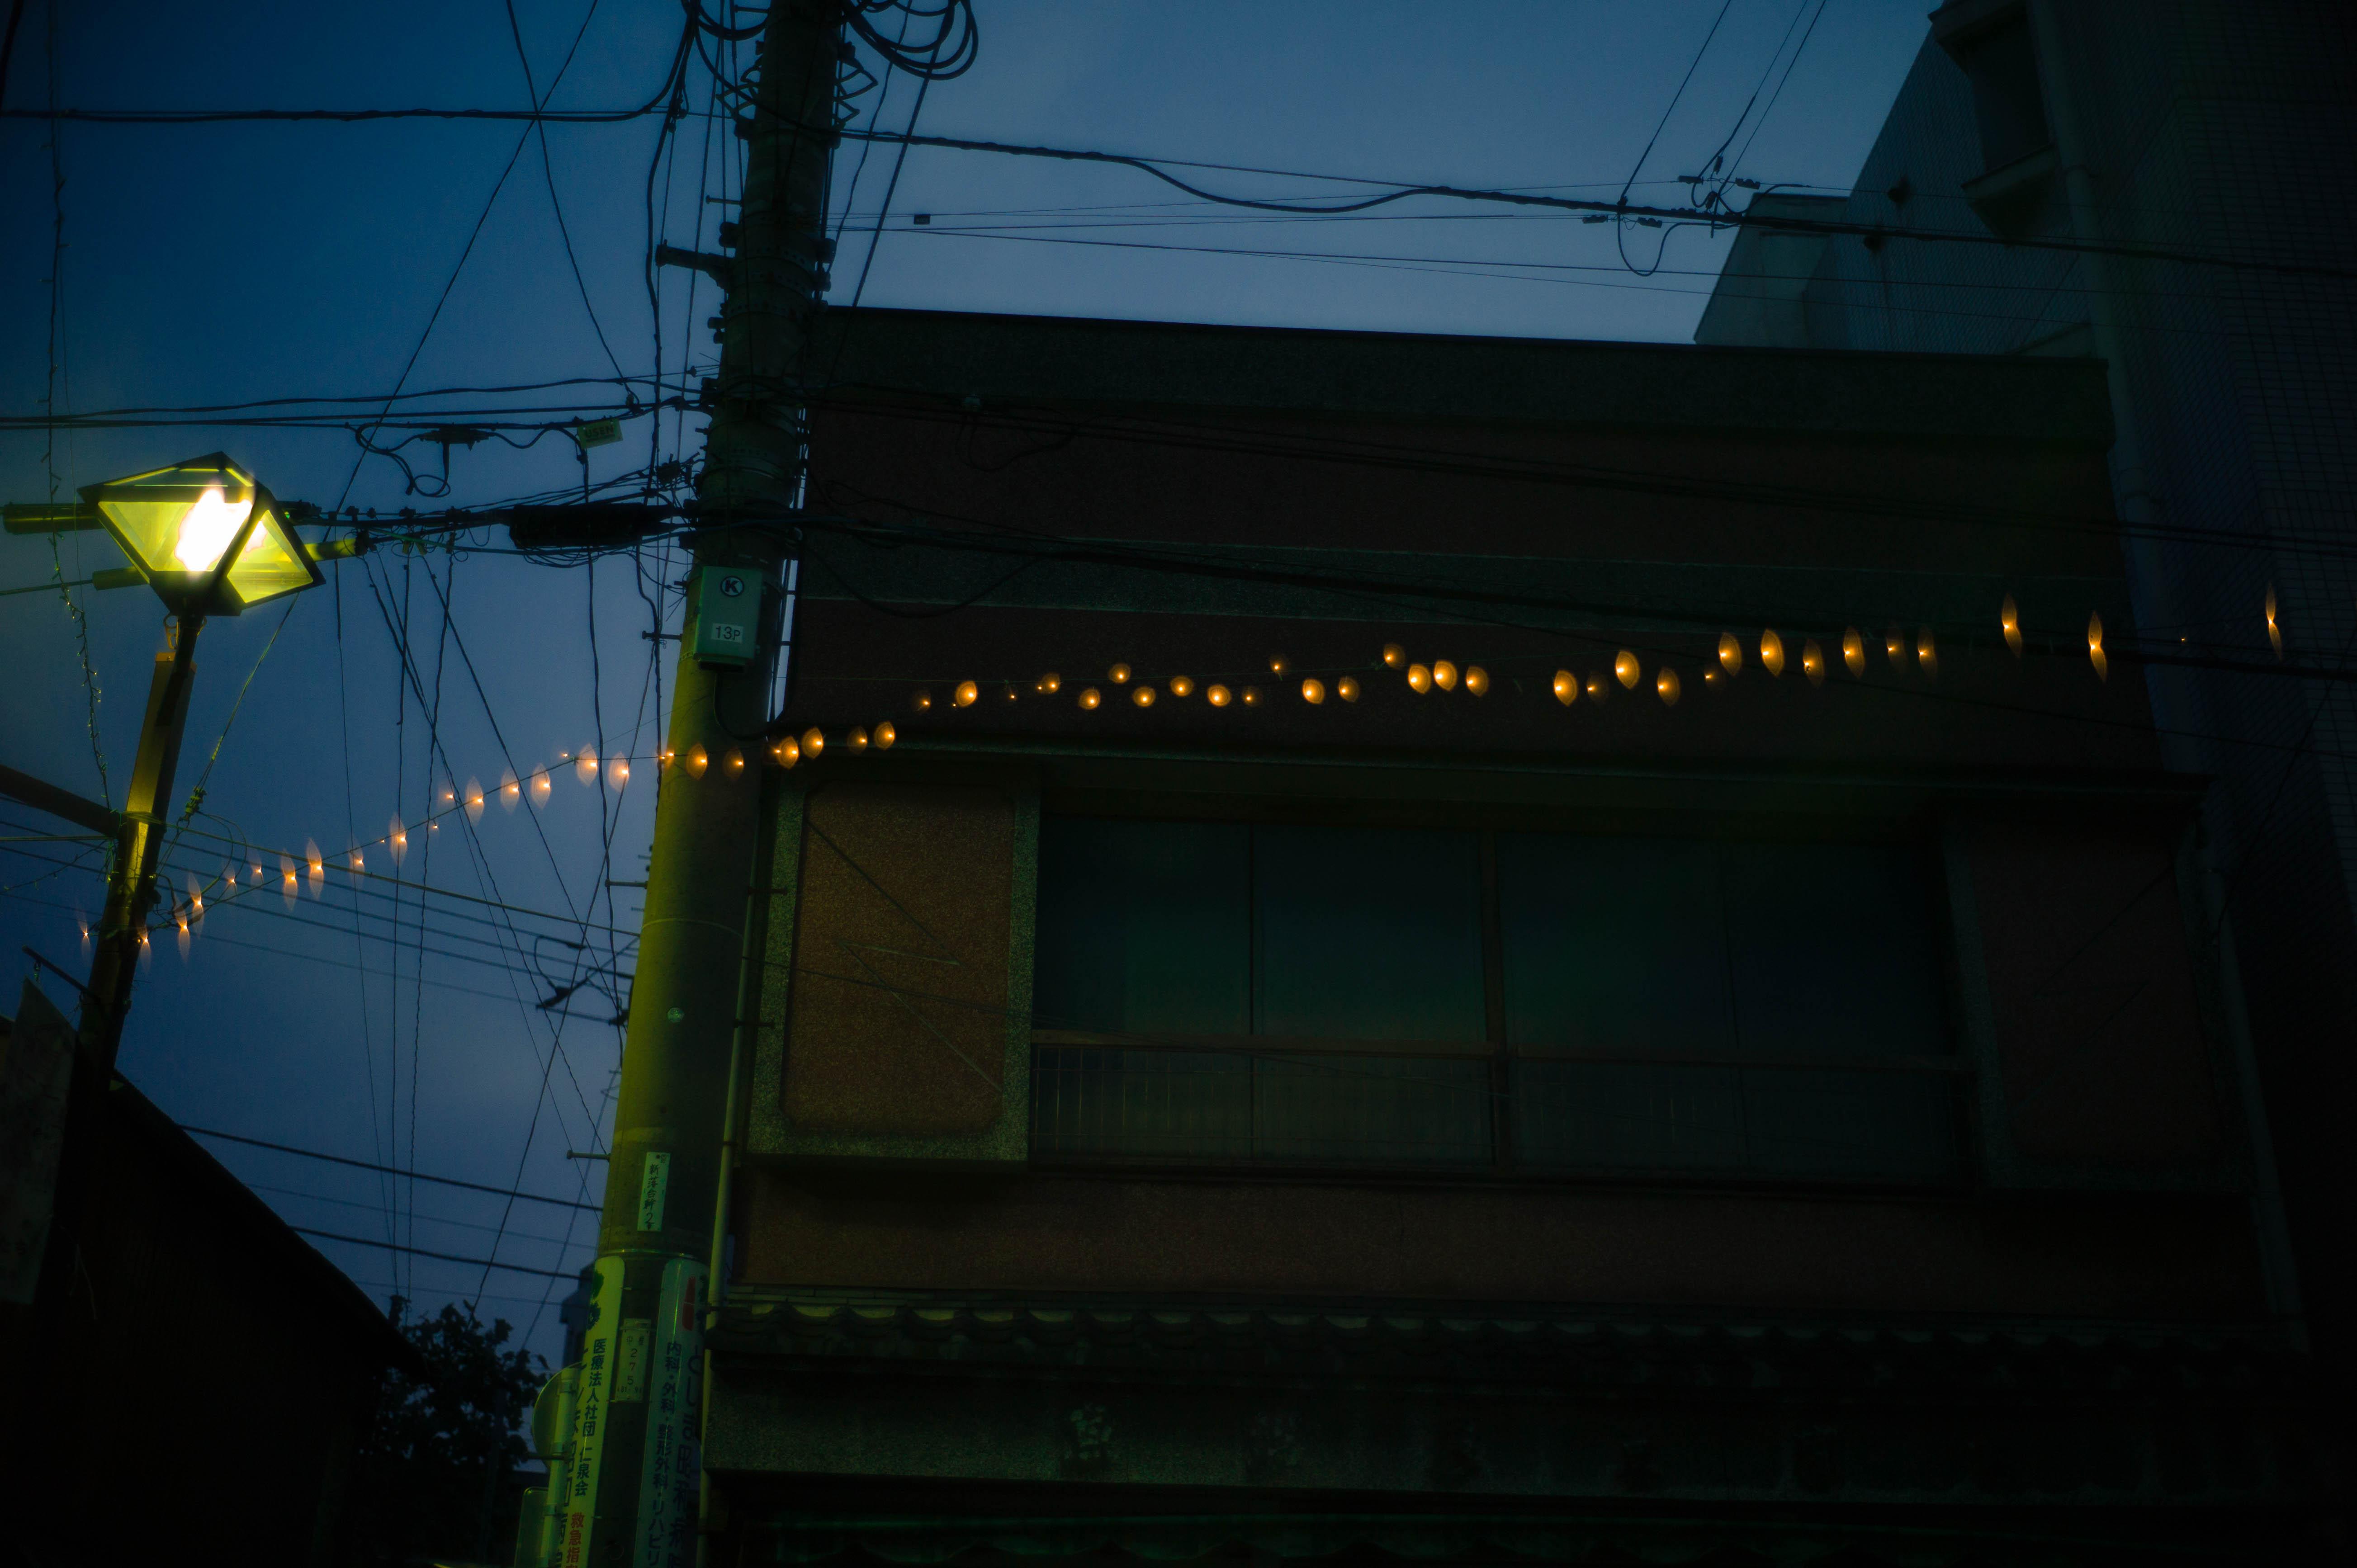 デスクトップ壁紙 日本 通り 夜 反射 青 ライカ 35mm 東京 ご近所 ノスタルジックな F14 光 色 イルミネーション 点灯 ステージ 劇場 闇 サミルー スクリーンショット M9 Summilux35mmf14 5212x3468 デスクトップ壁紙 Wallhere